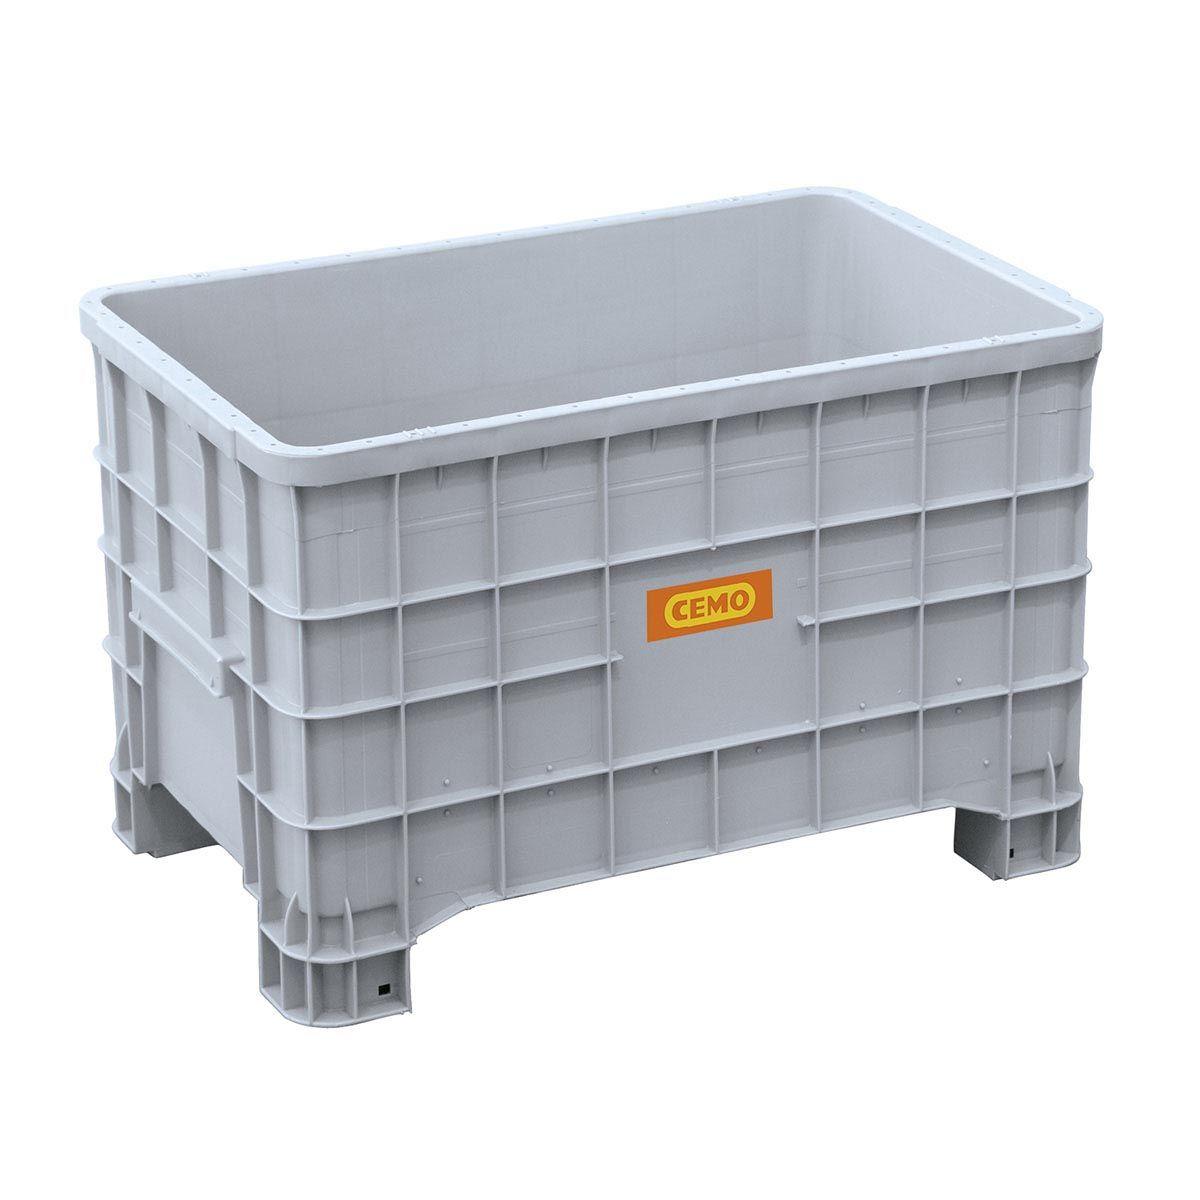 Logistikbox, aus PE, grau, 300 l, 1000 x 635 x 645 mm